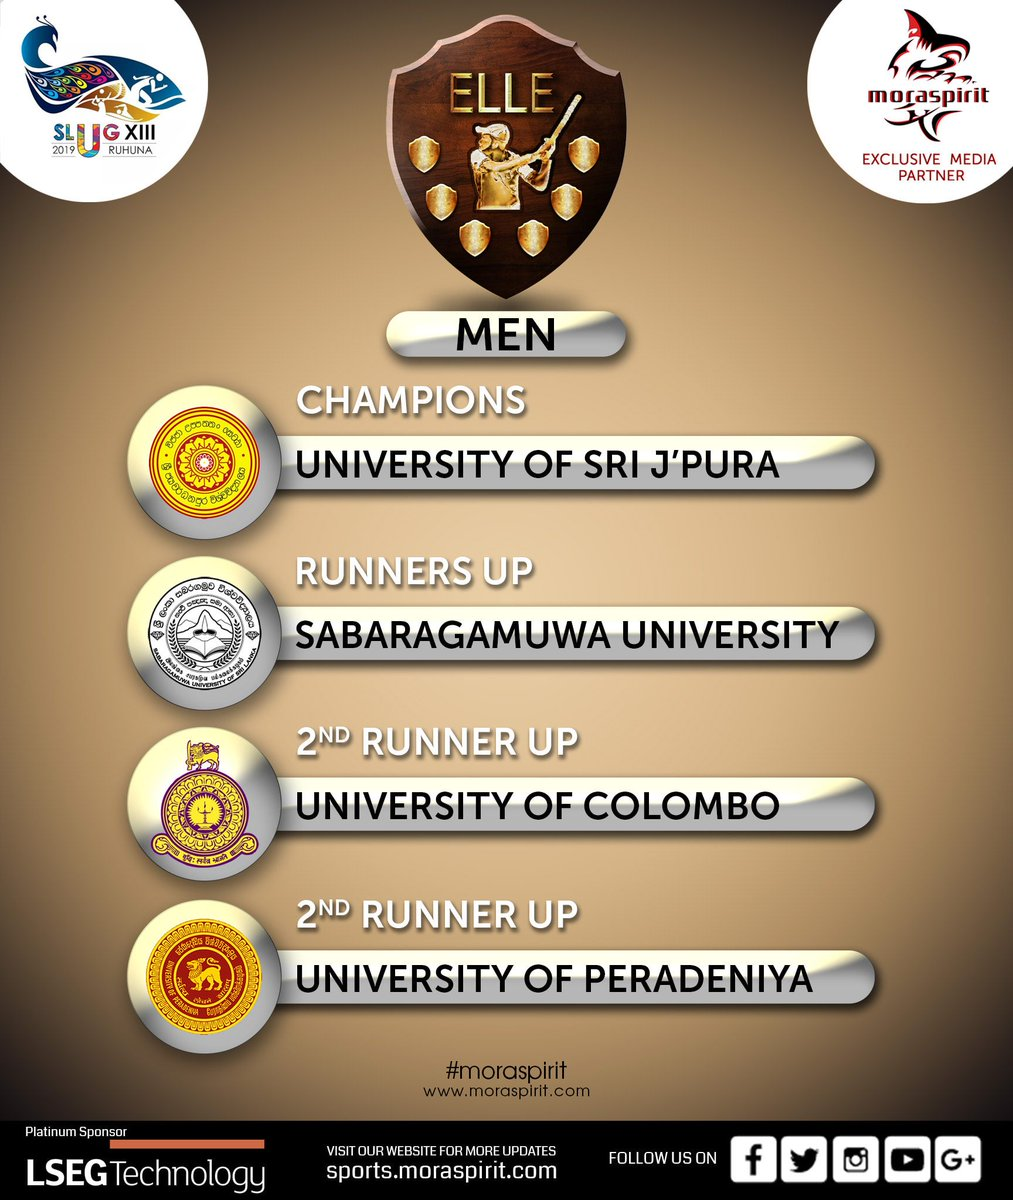 SLUG XIII 2019  ELLE - MEN OVERALL RESULT  Champions -Sri Jayewardenepura University Runners Up - Sabaragamuwa University 2nd Runners Up - University of Colombo 2nd Runners Up - University of Peradeniya  CONGRATULATIONS !!!  #MoraSpirit #Elle #slug #slugxiii #slug_elle https://t.co/nYgv2lnzwf